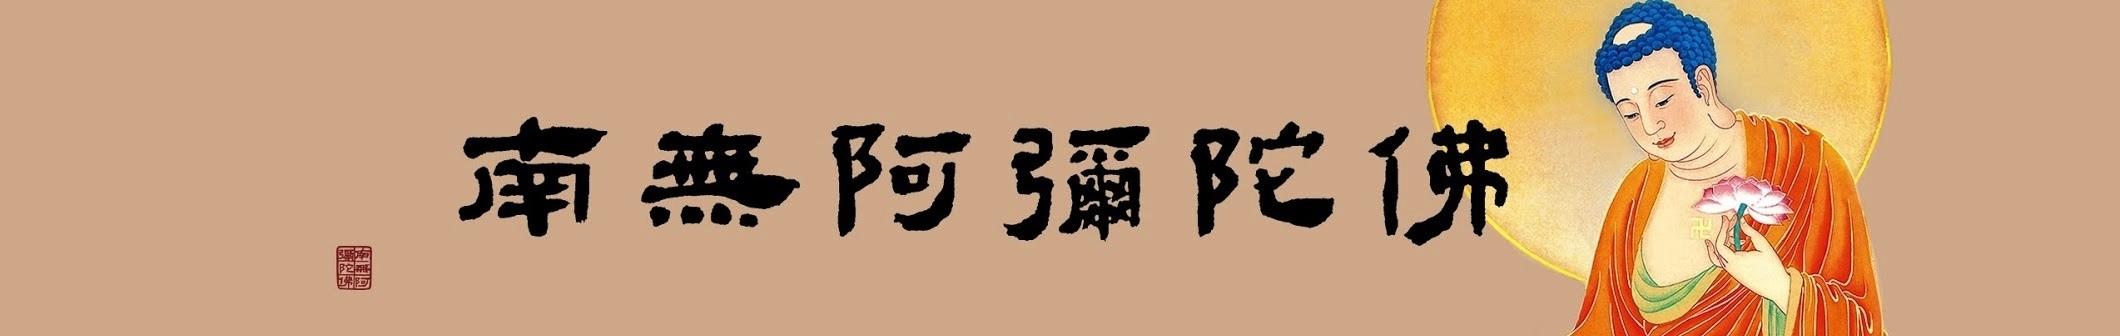 净宗寺 banner